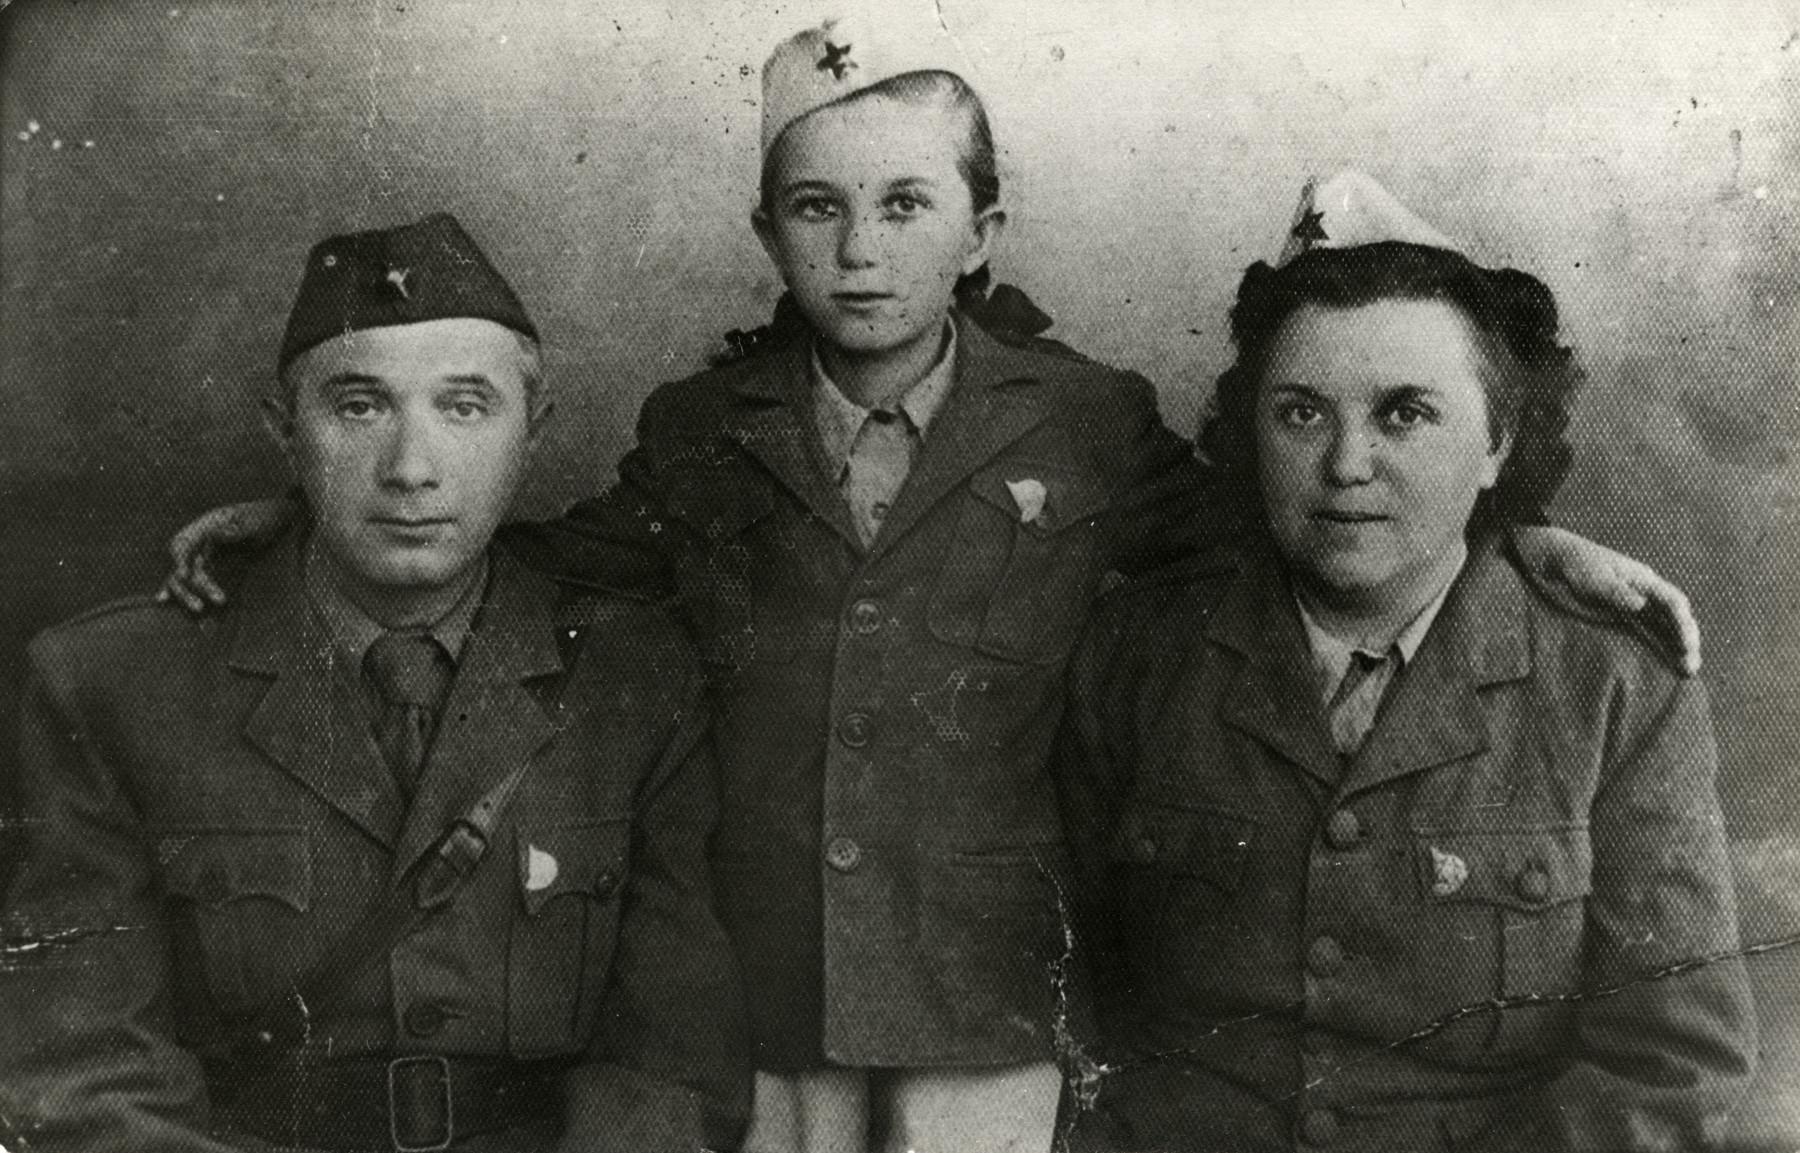 Miriam Steiner with her parents wearing Yugoslav partisan uniforms.